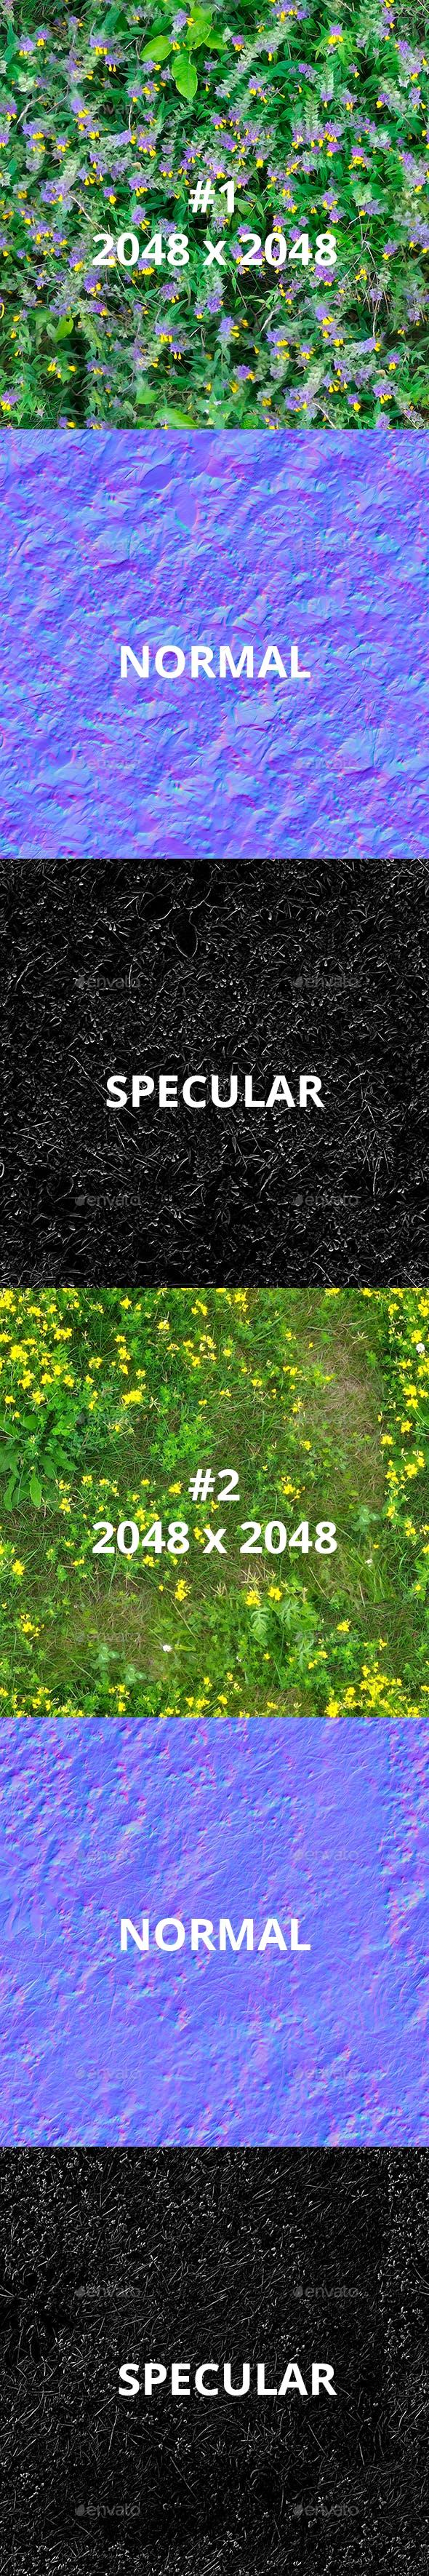 2 Field Flowers - 3DOcean Item for Sale